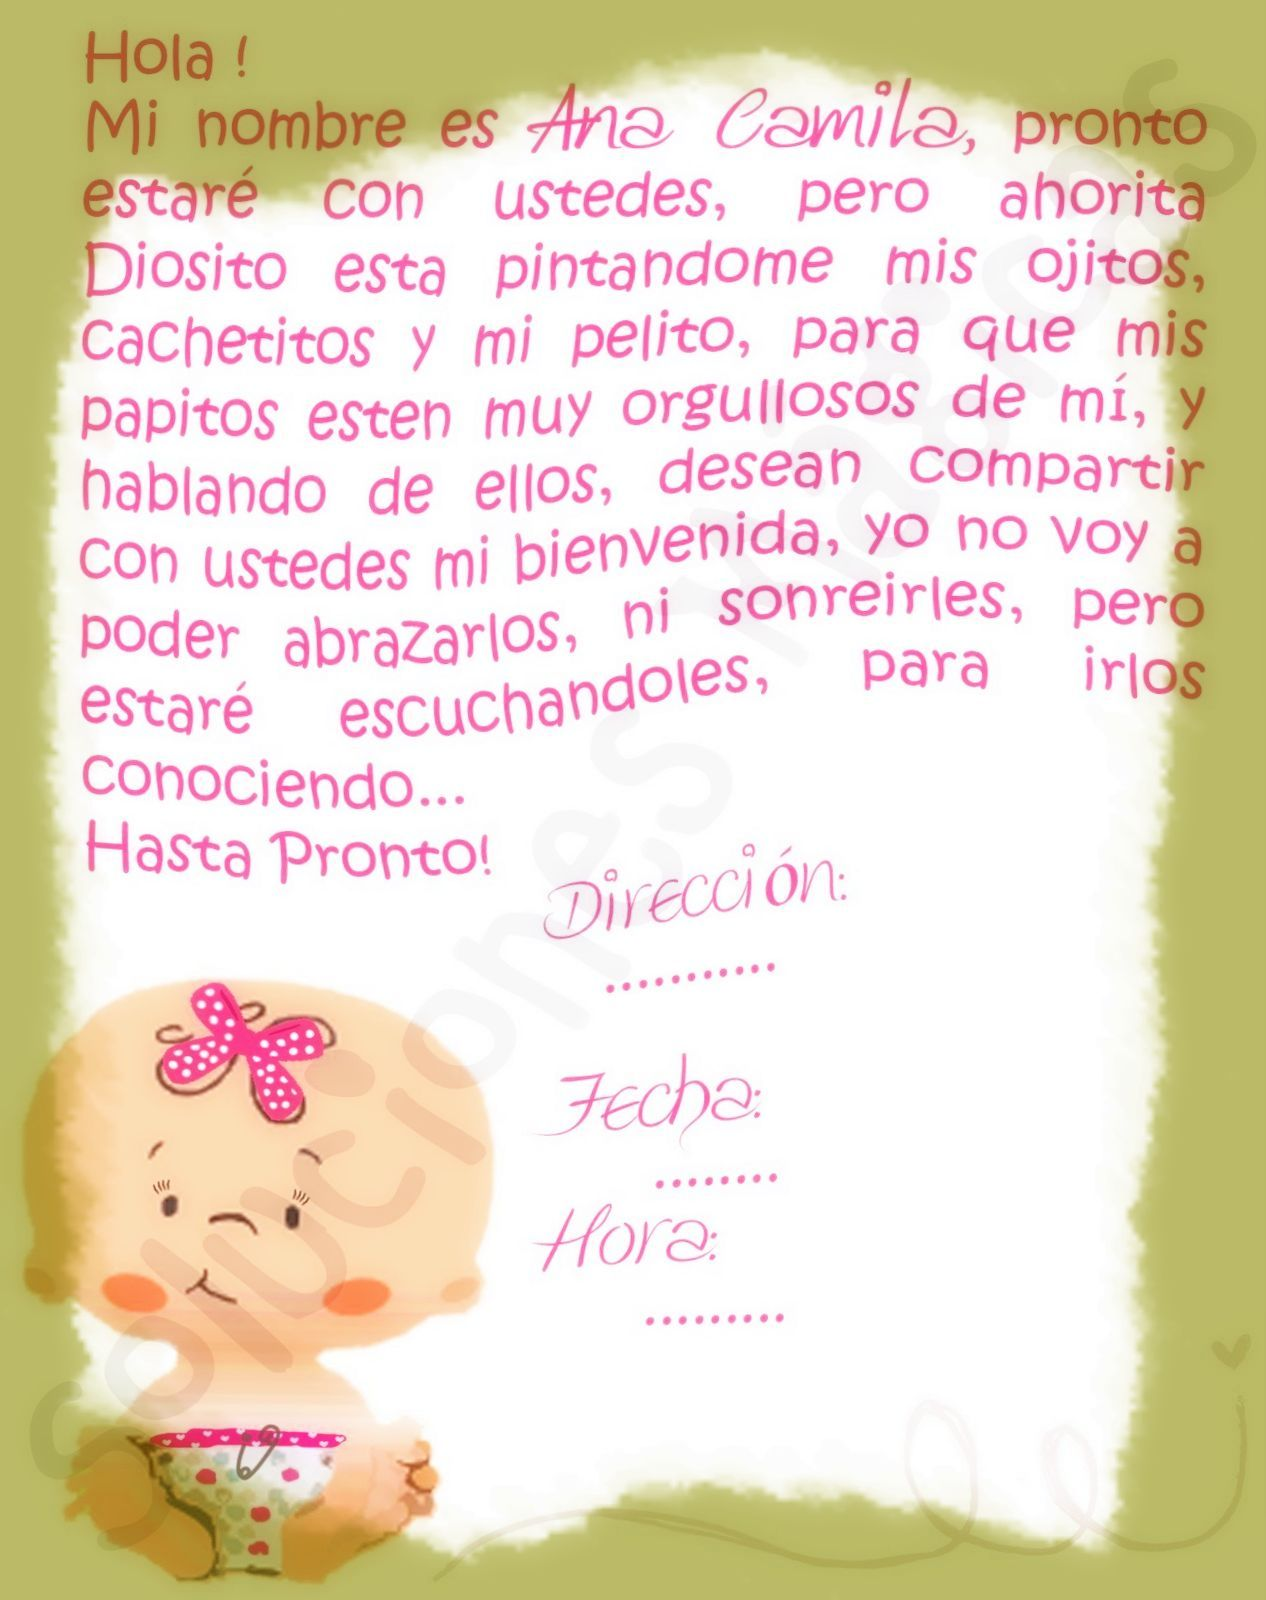 Frases Para Un Baby Shower De Nina : frases, shower, Frases, Poner, Regalo, Shower, Regalos, Shower,, Manualidades, Faciles, Regalar